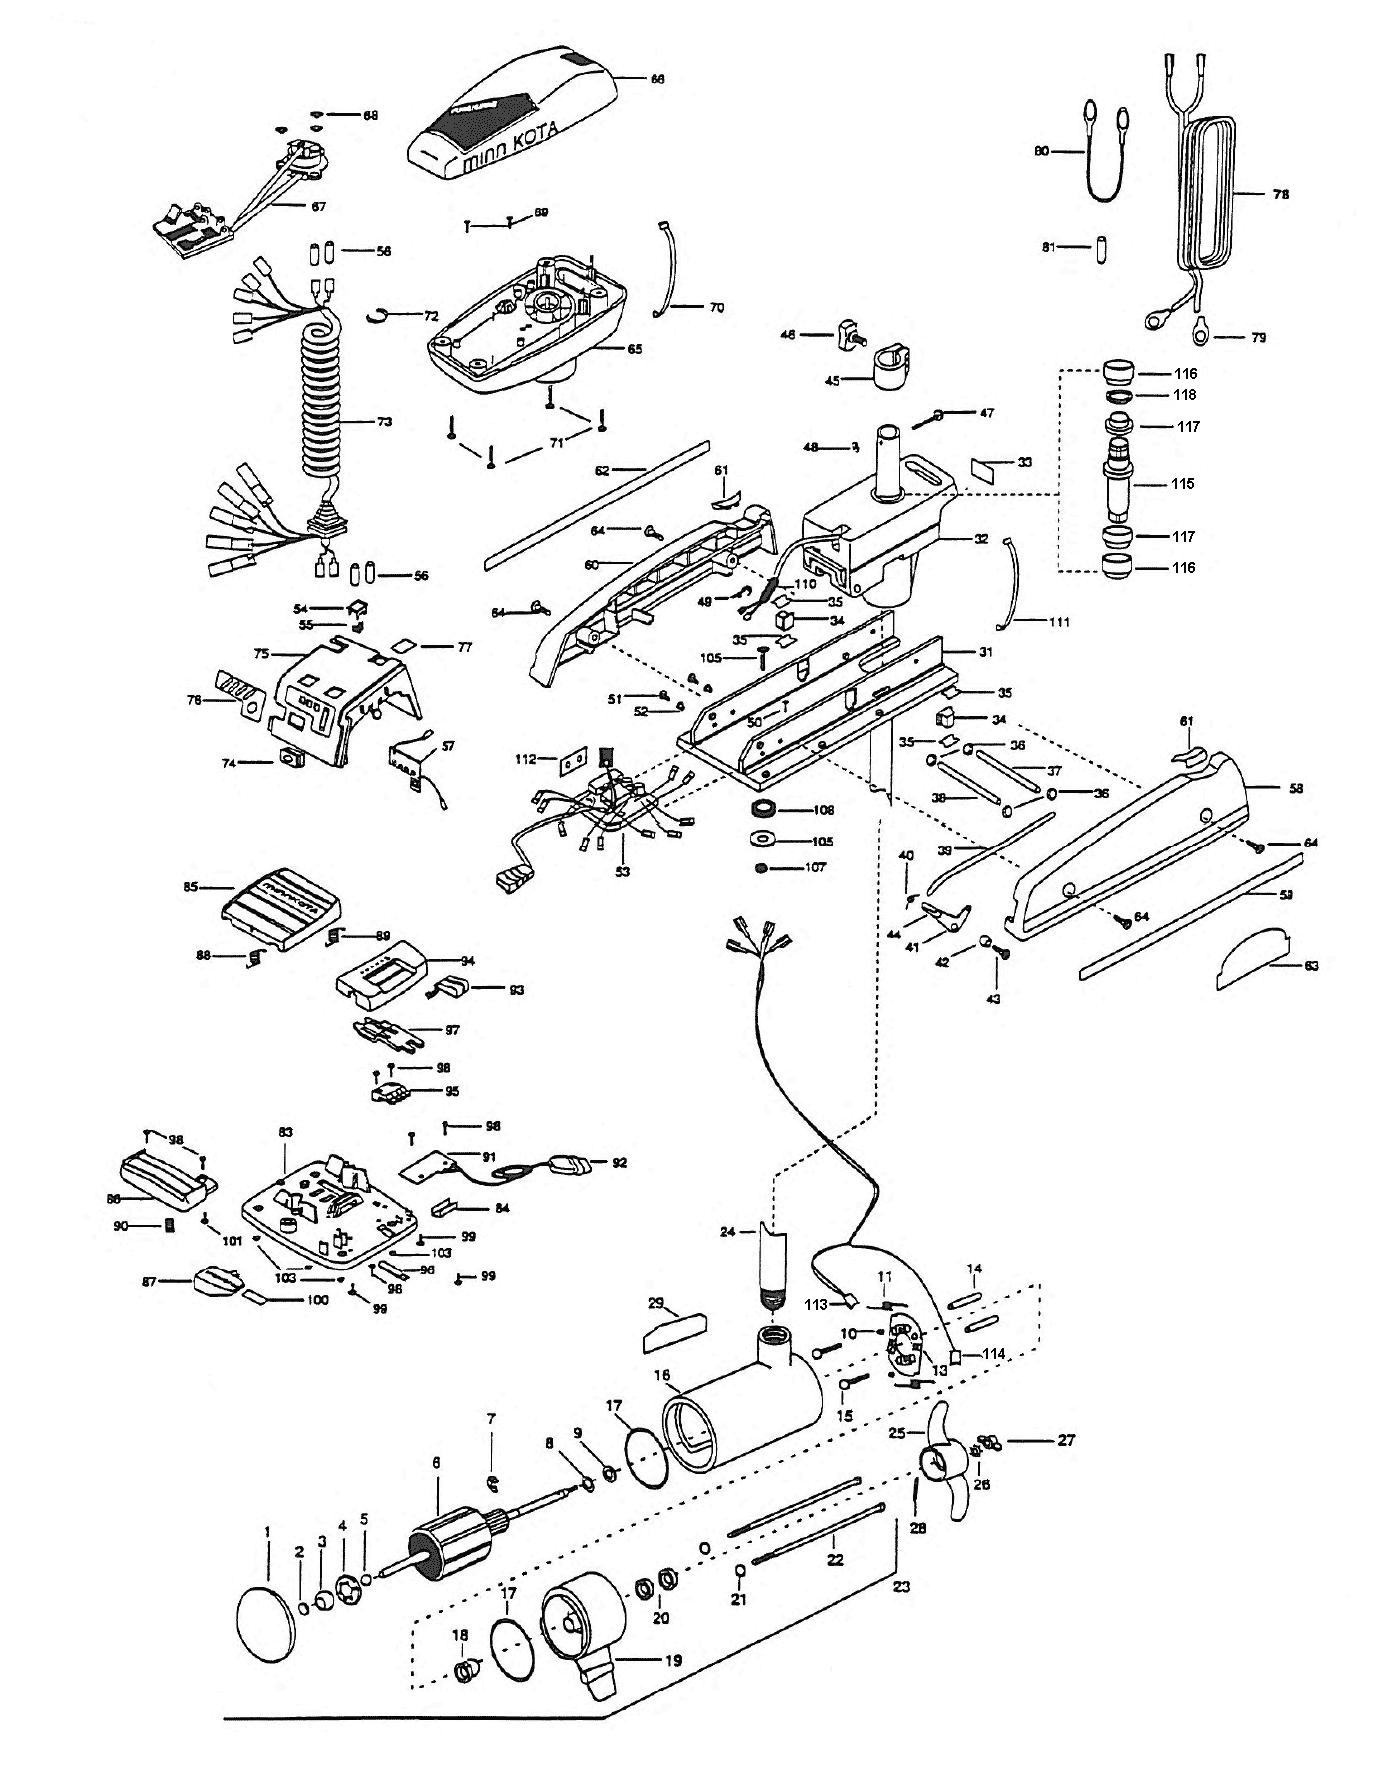 minn kota deckhand 40 wiring diagram minn kota auto pilot wiring diagram minn kota auto pilot 64 parts - 1999 from fish307.com